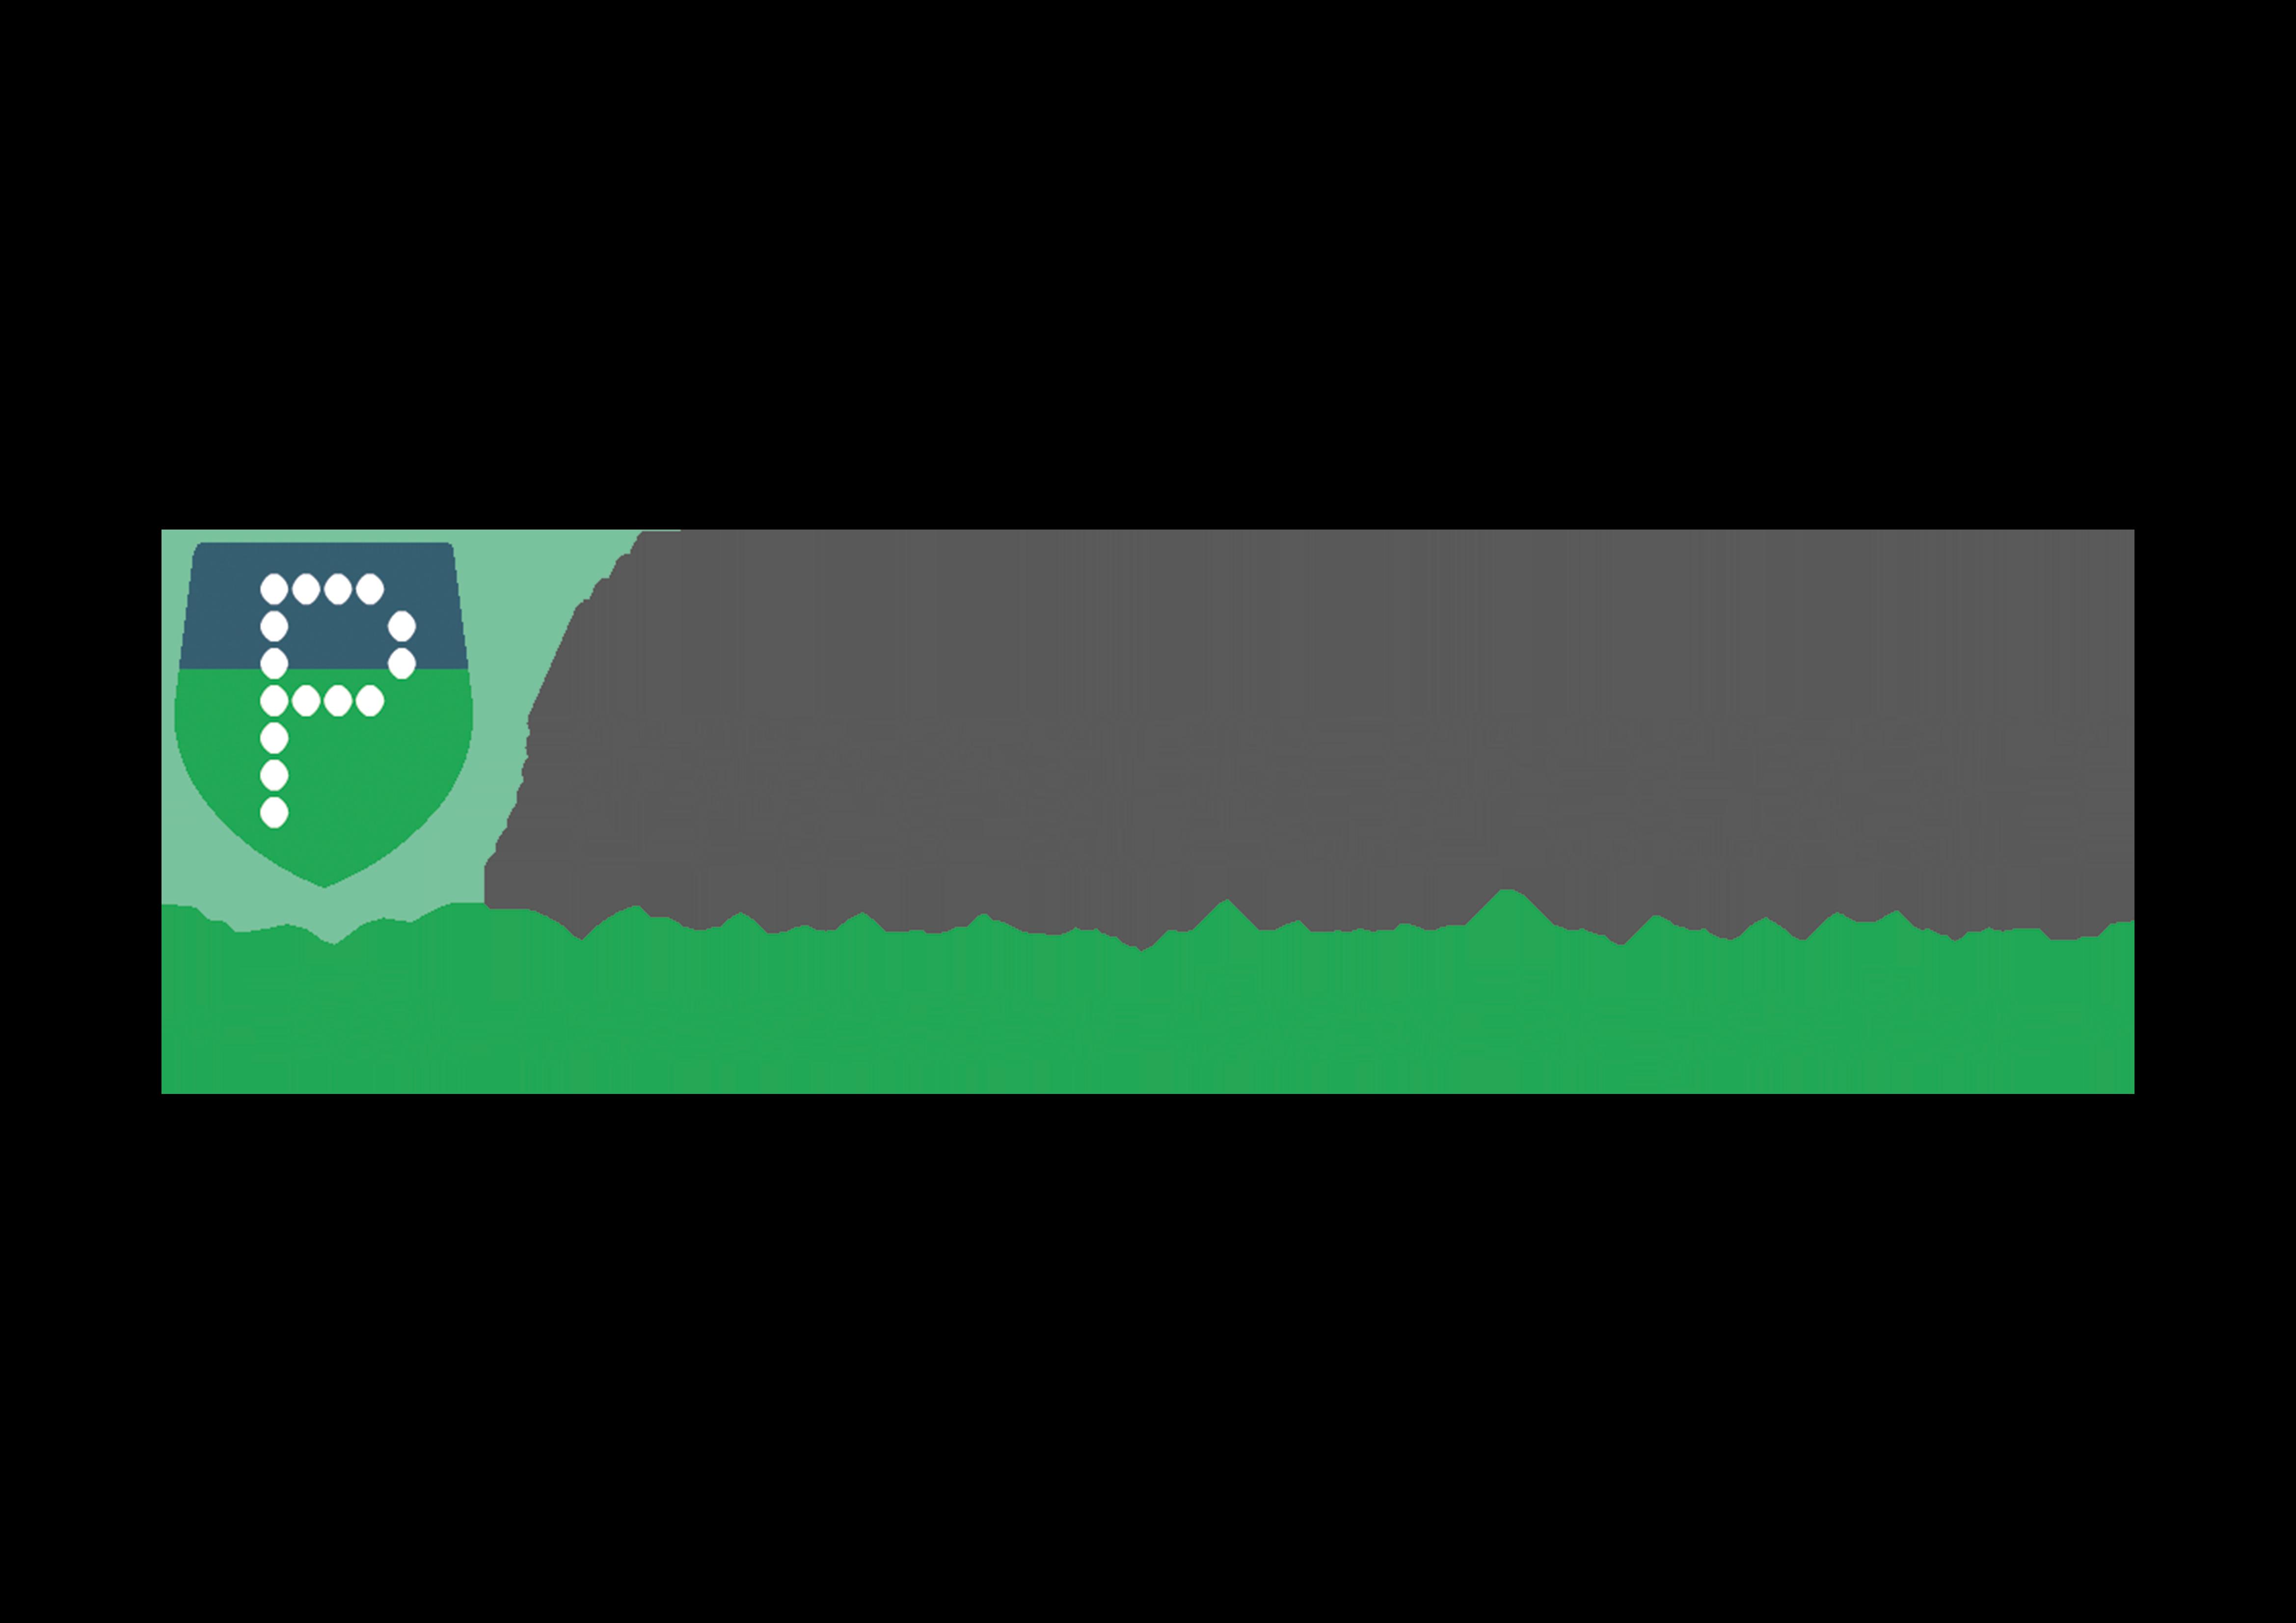 Panneaupocket_logo_HD.png